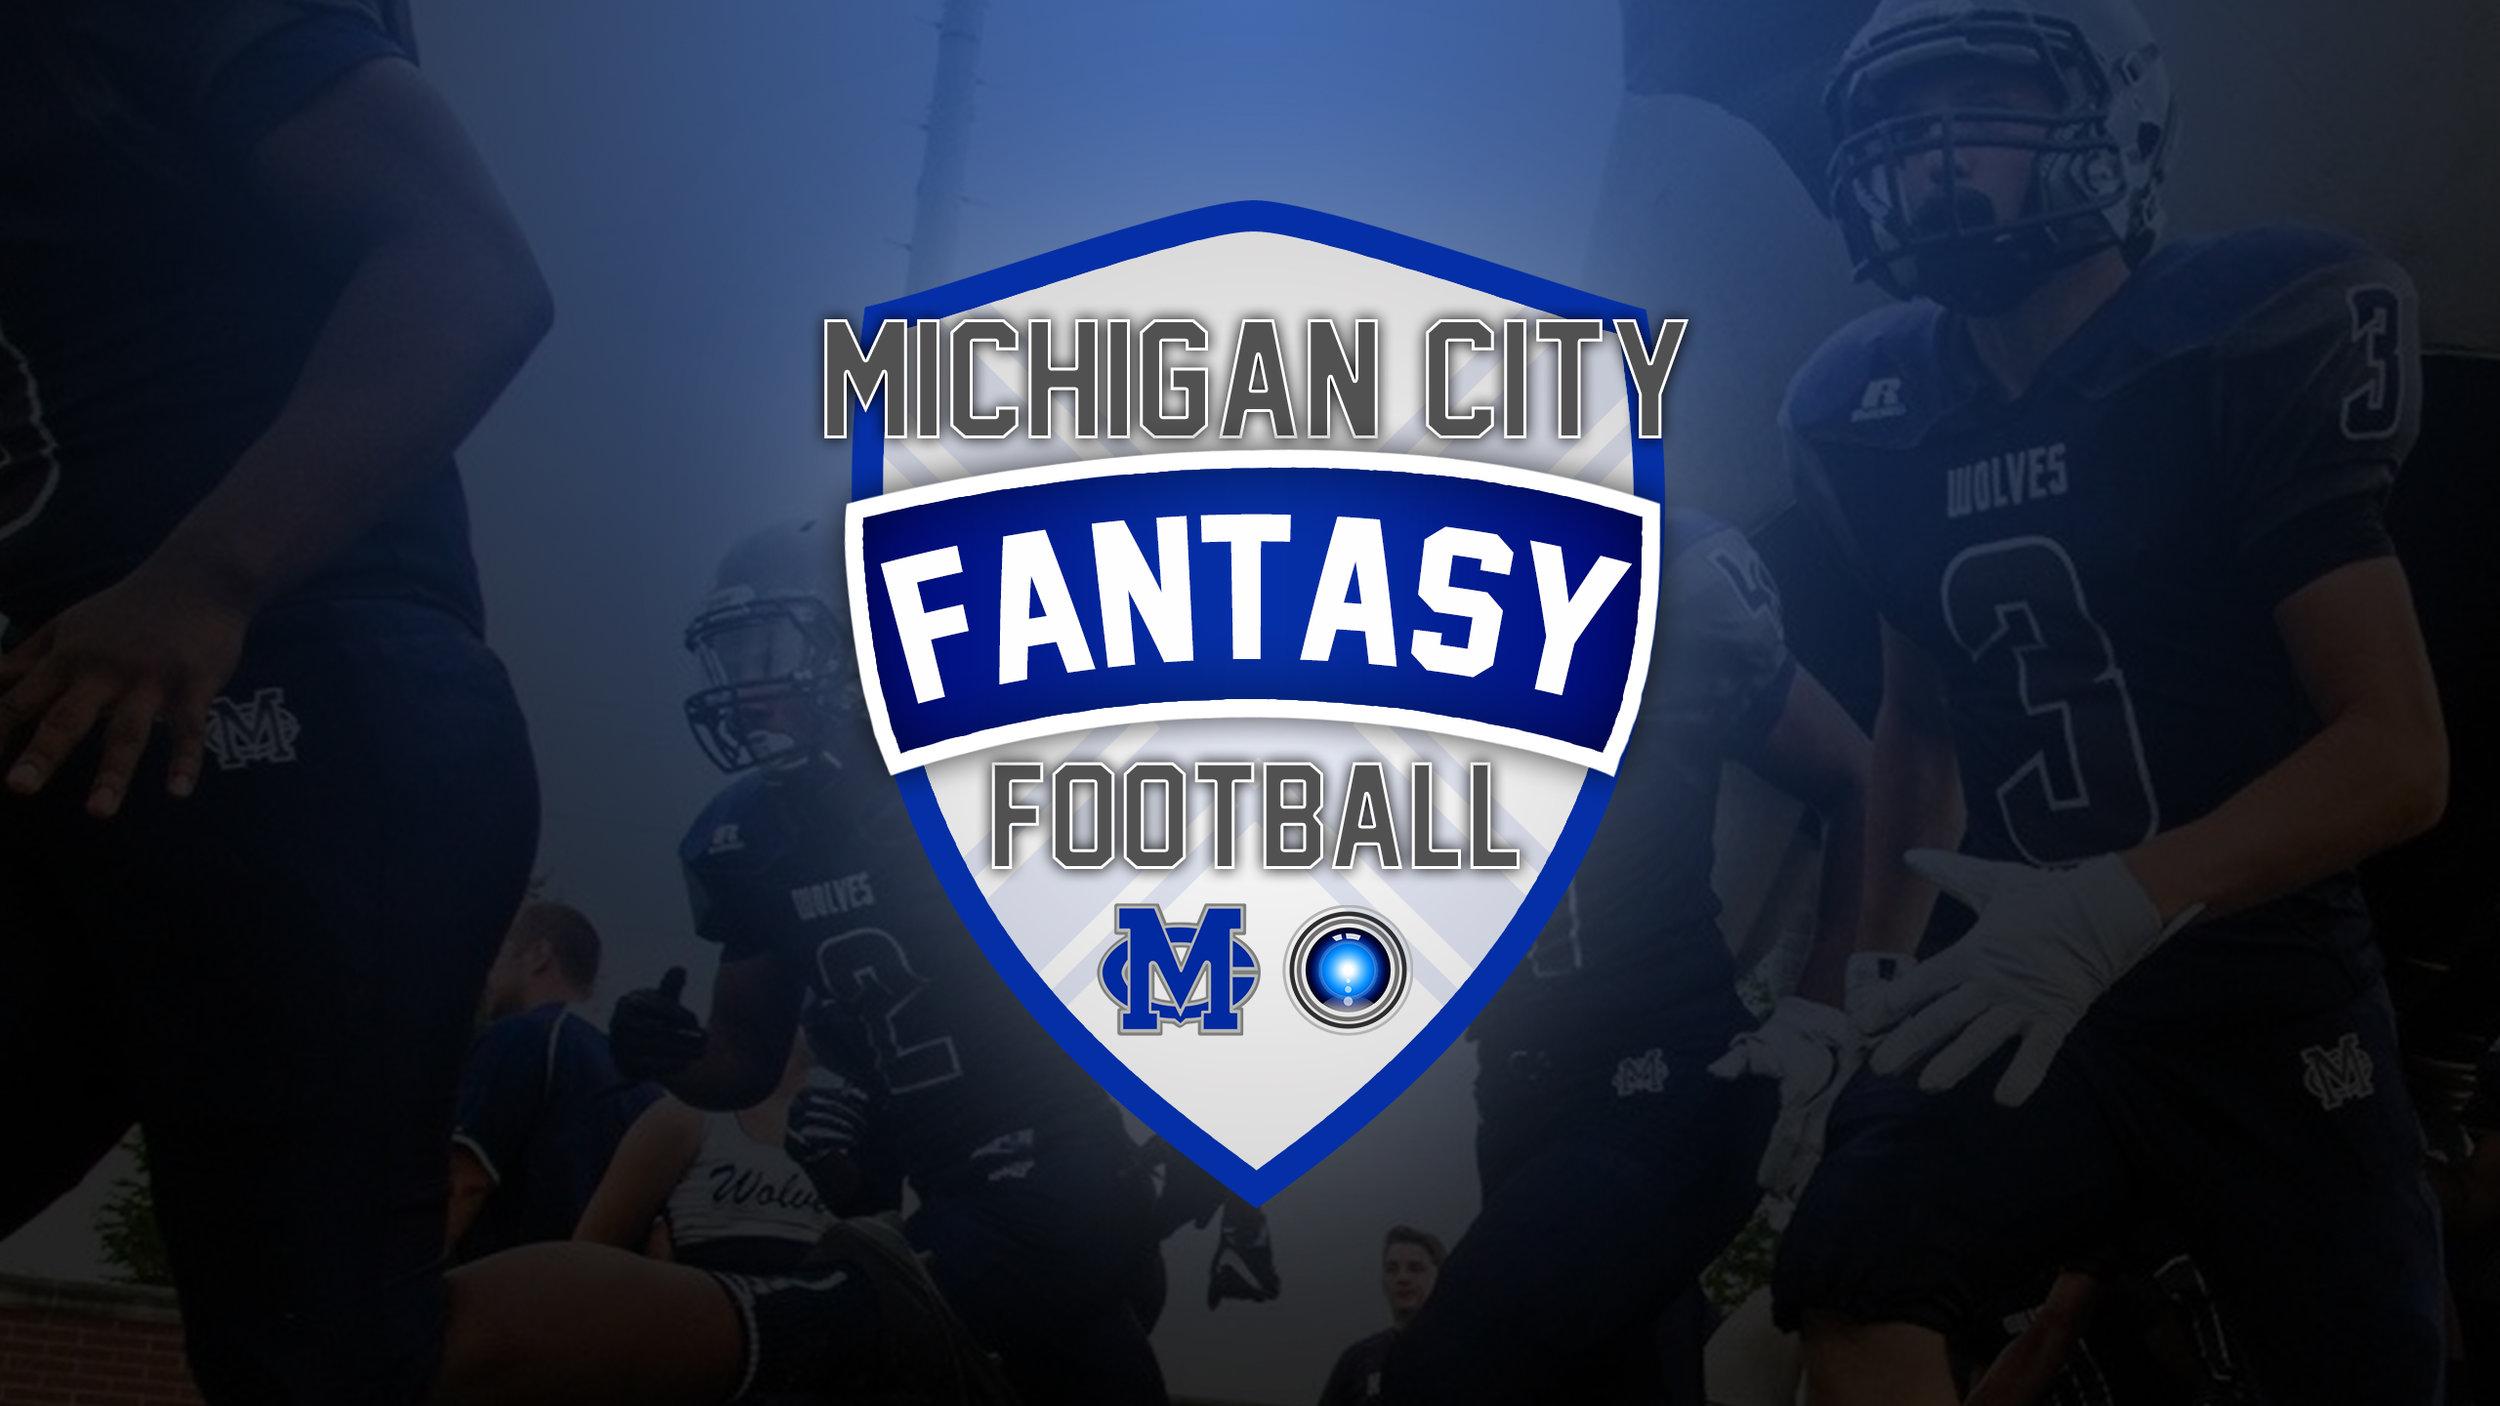 mc fantasy football.jpg